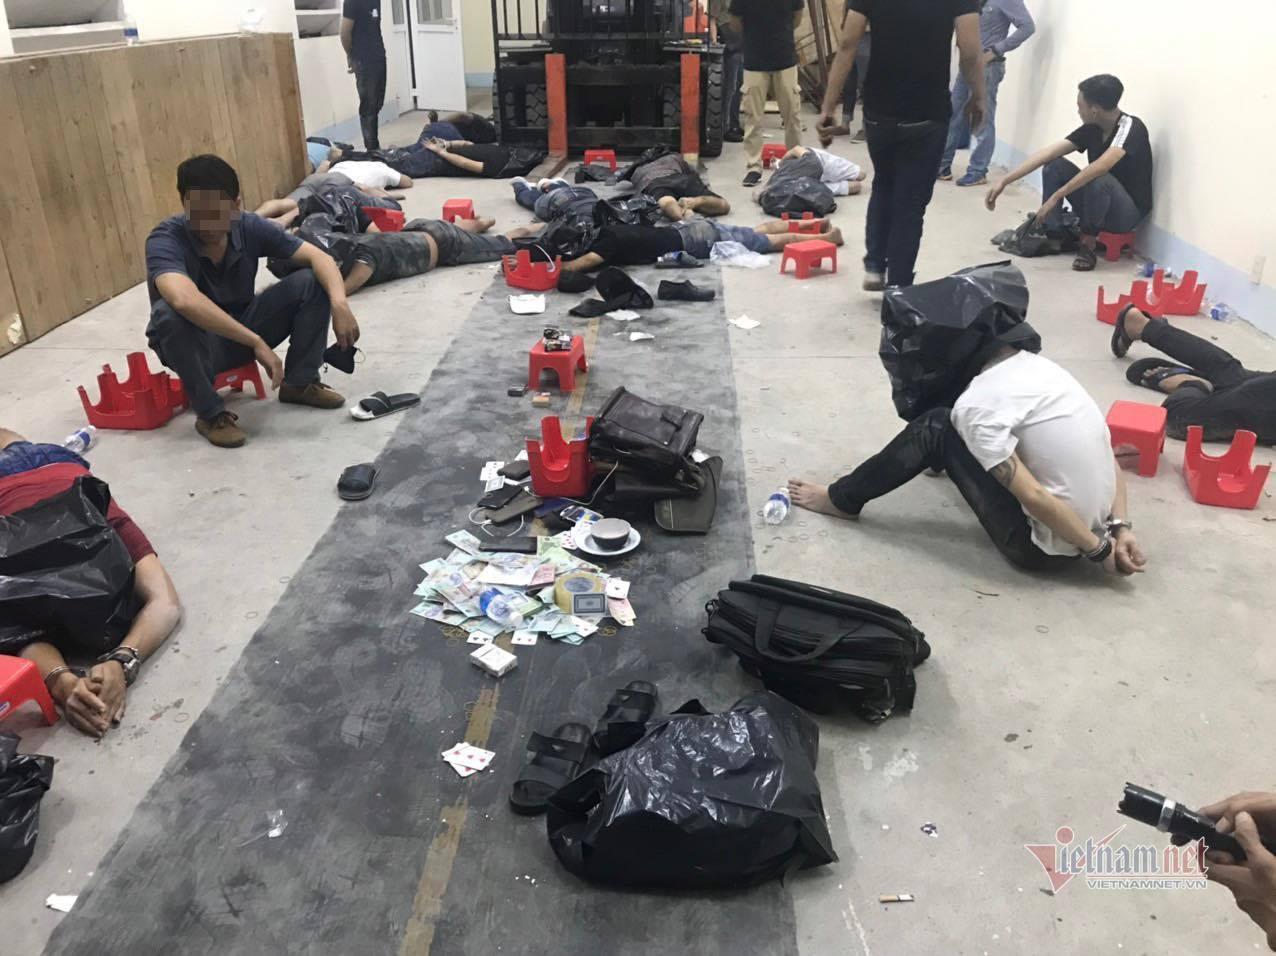 Cảnh sát đột kích xới bạc ở Bình Dương, bắt quả tang 15 đối tượng đang sát phạt